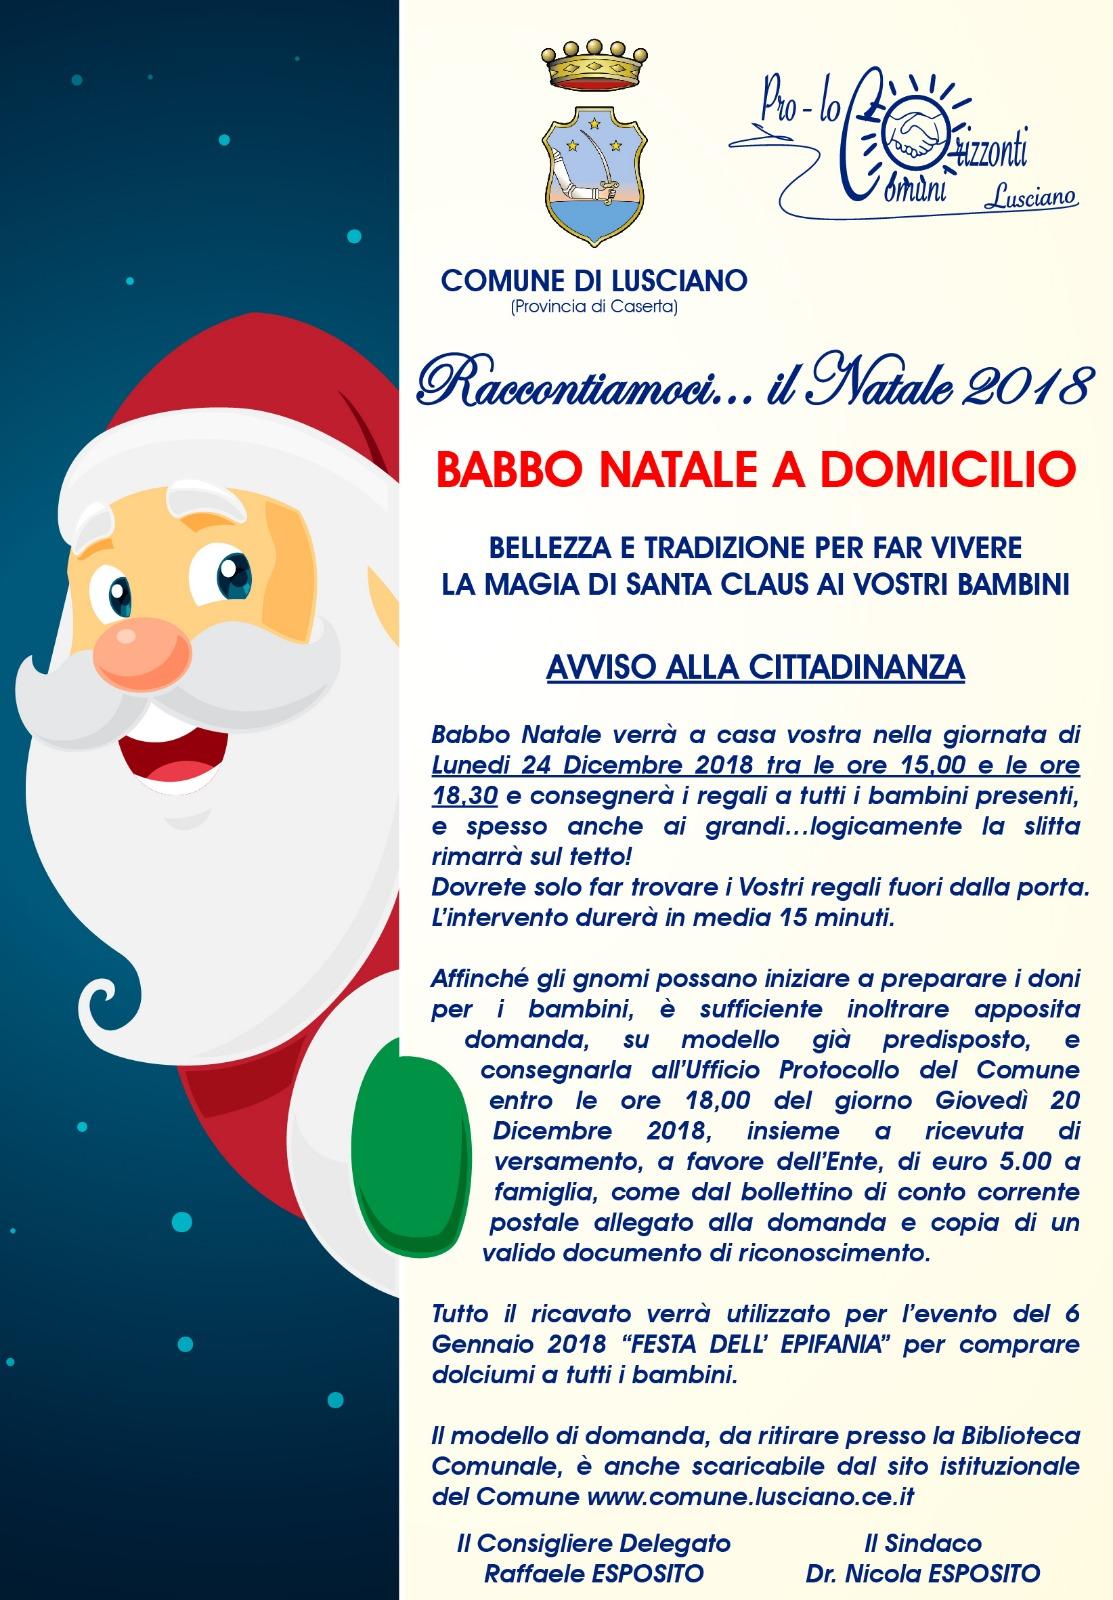 Babbo Natale A Domicilio.Babbo Natale A Domicilio Comune Di Lusciano